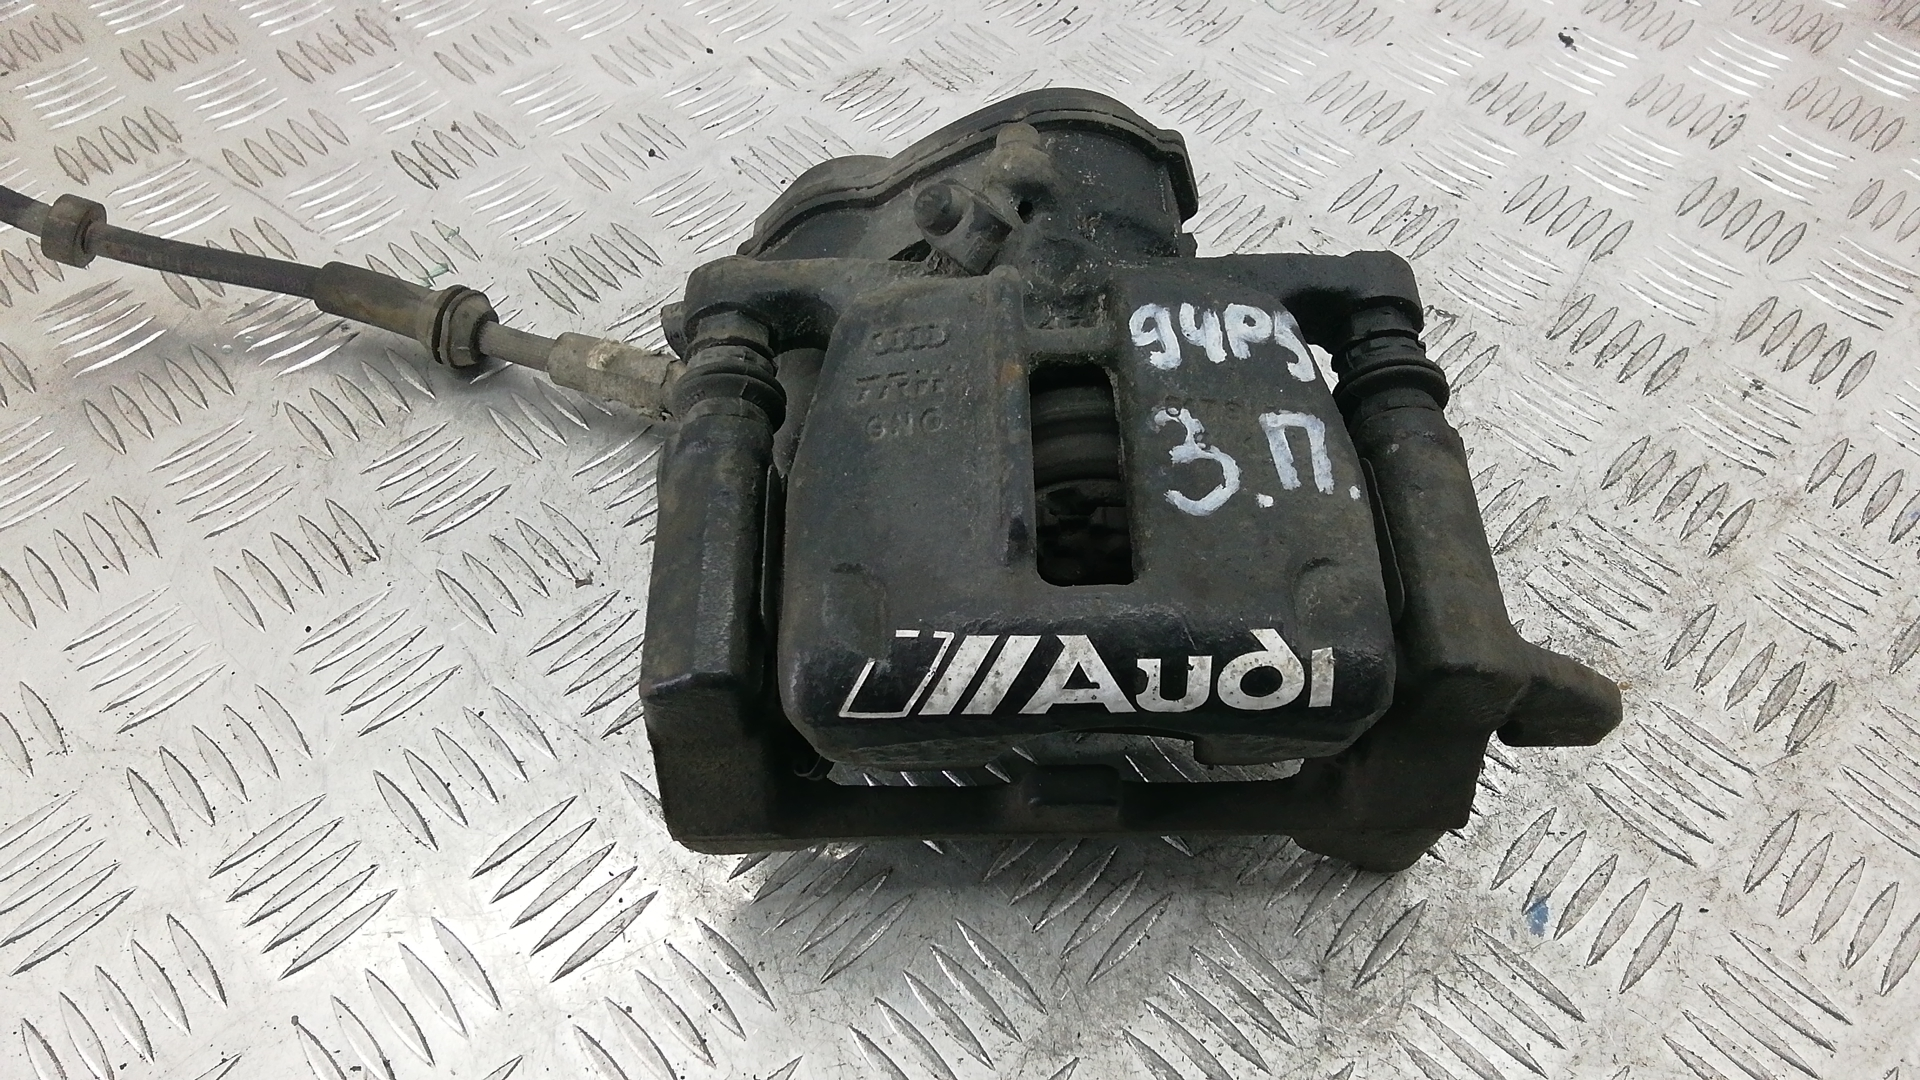 Суппорт тормозной задний правый, AUDI, A7 1, 2013